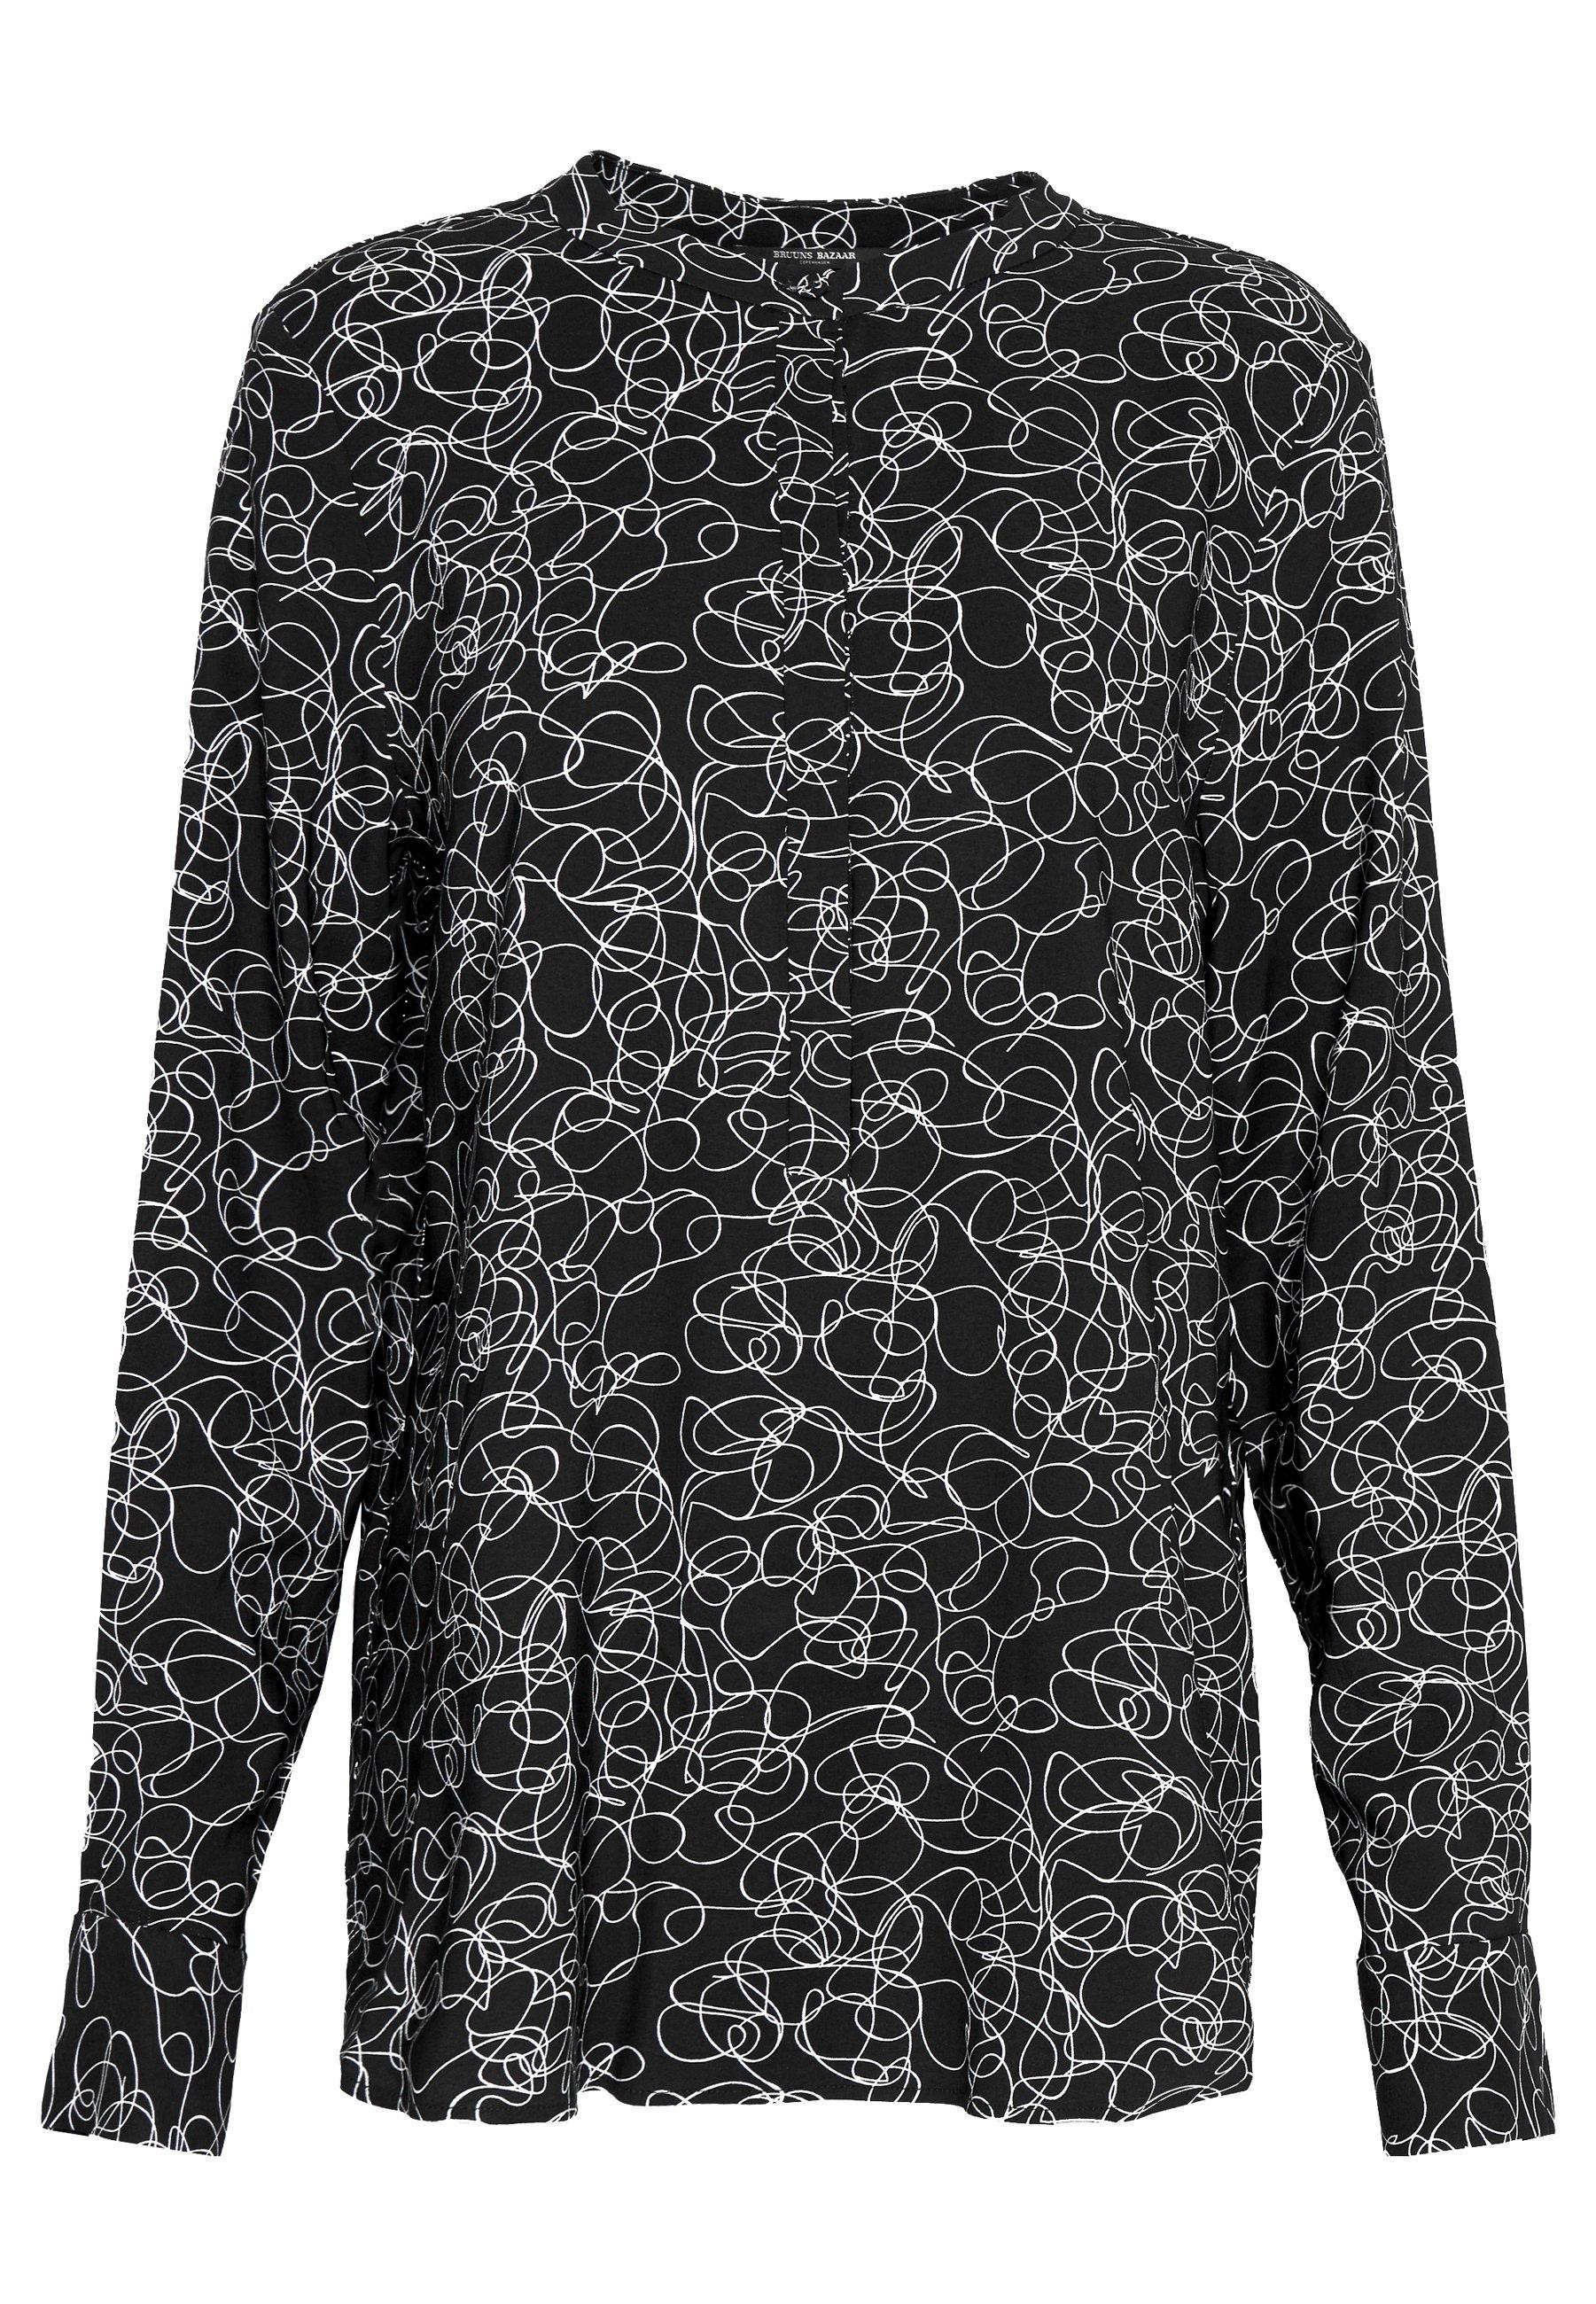 Bruuns Bazaar Sketch Inglis - Blouse Black